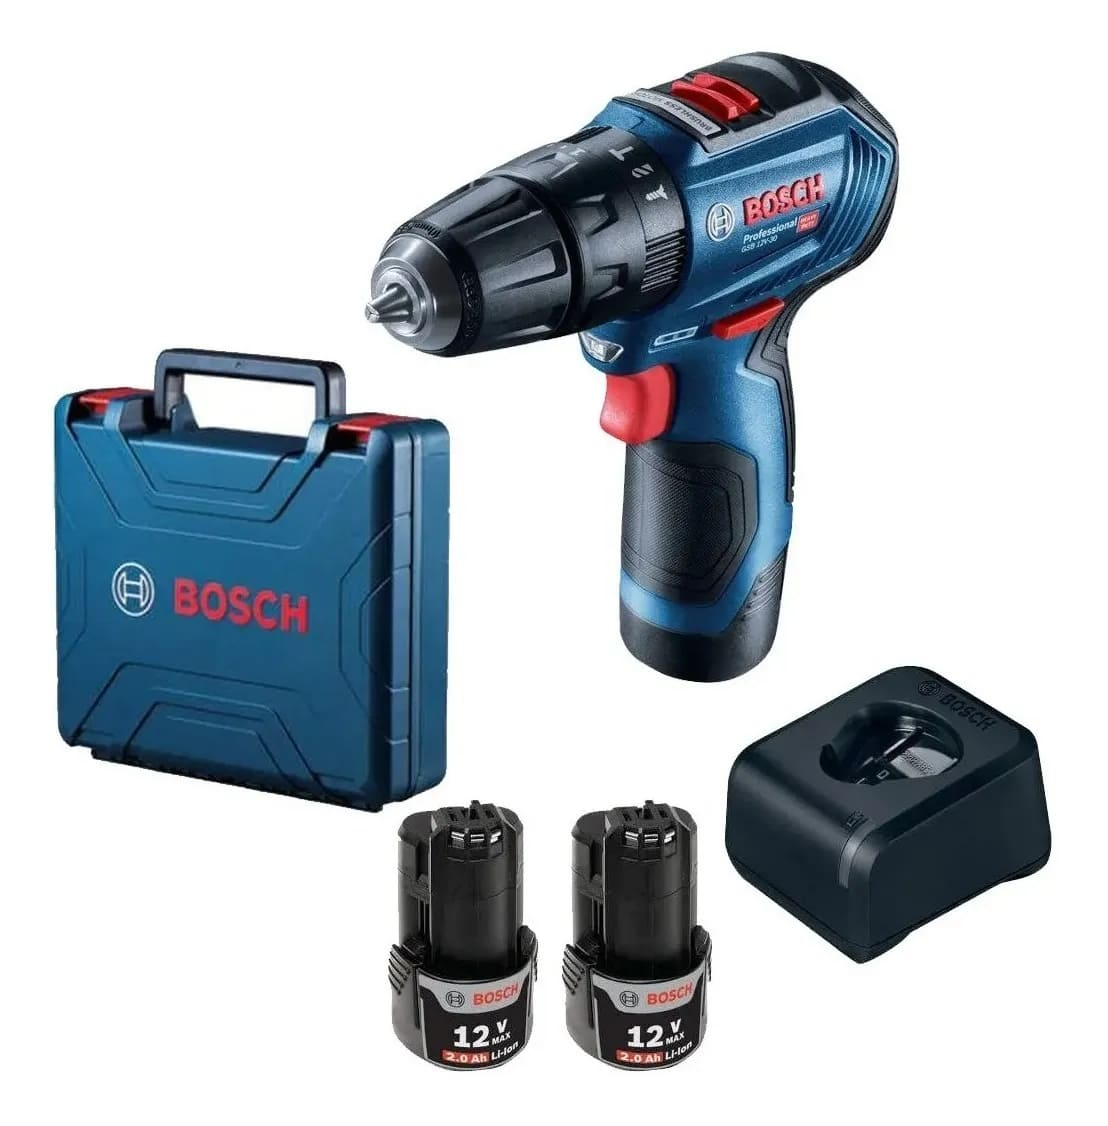 Parafusadeira e Furadeira de Impacto Bosch 12V 3/8 GSB 12V-30 Brushless